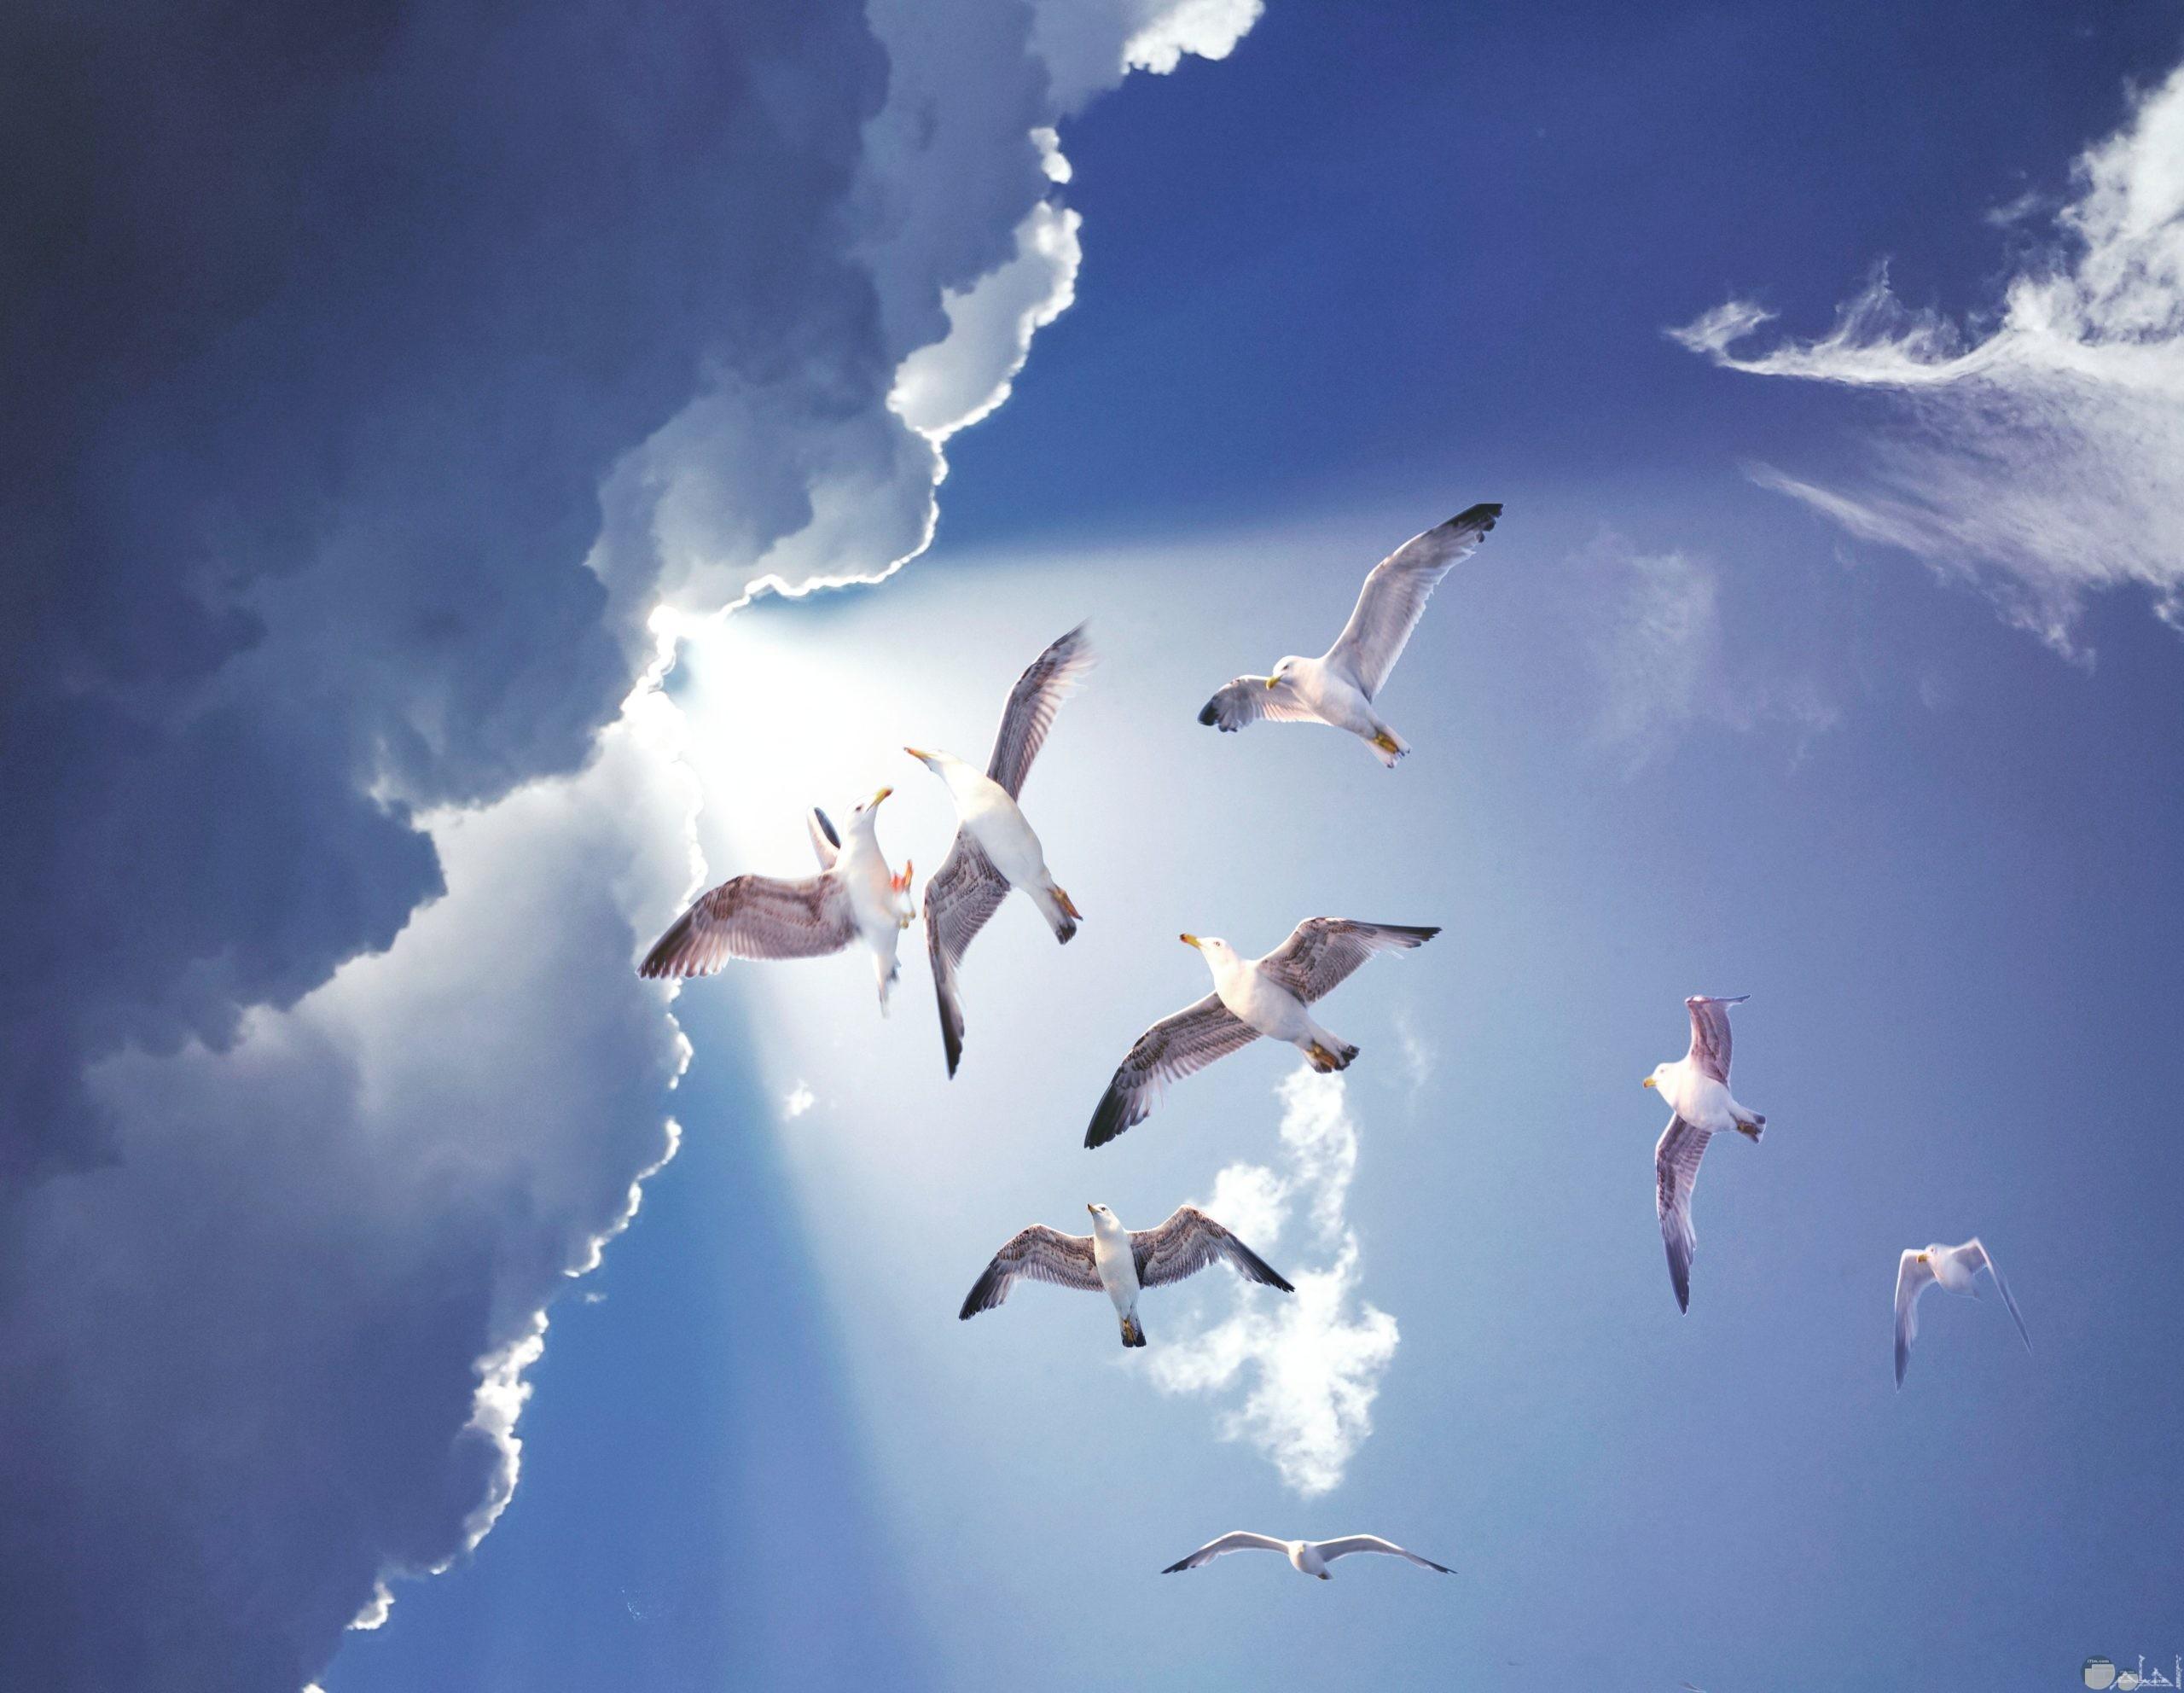 منظر رائع لطيور البحر بالقرب من سحاب